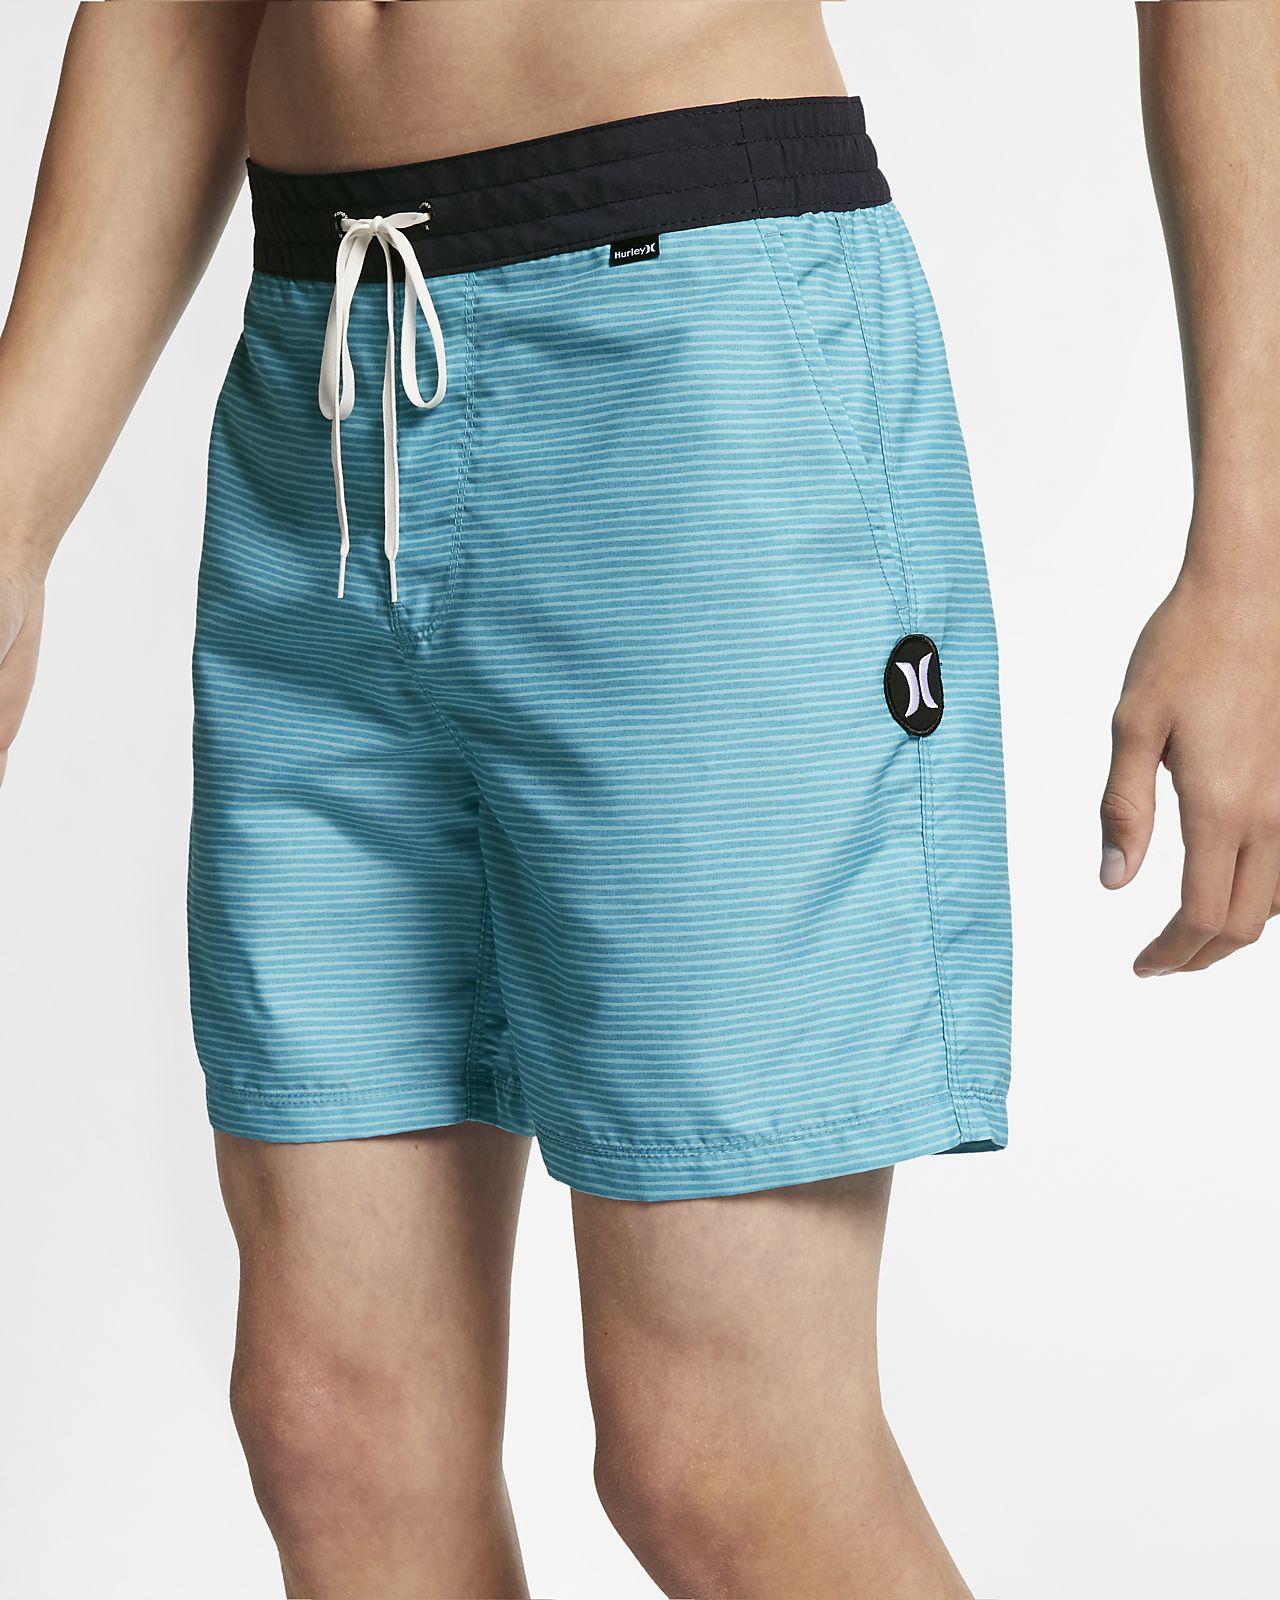 Hurley Dazed Volley Herren-Boardshorts (ca. 43 cm)